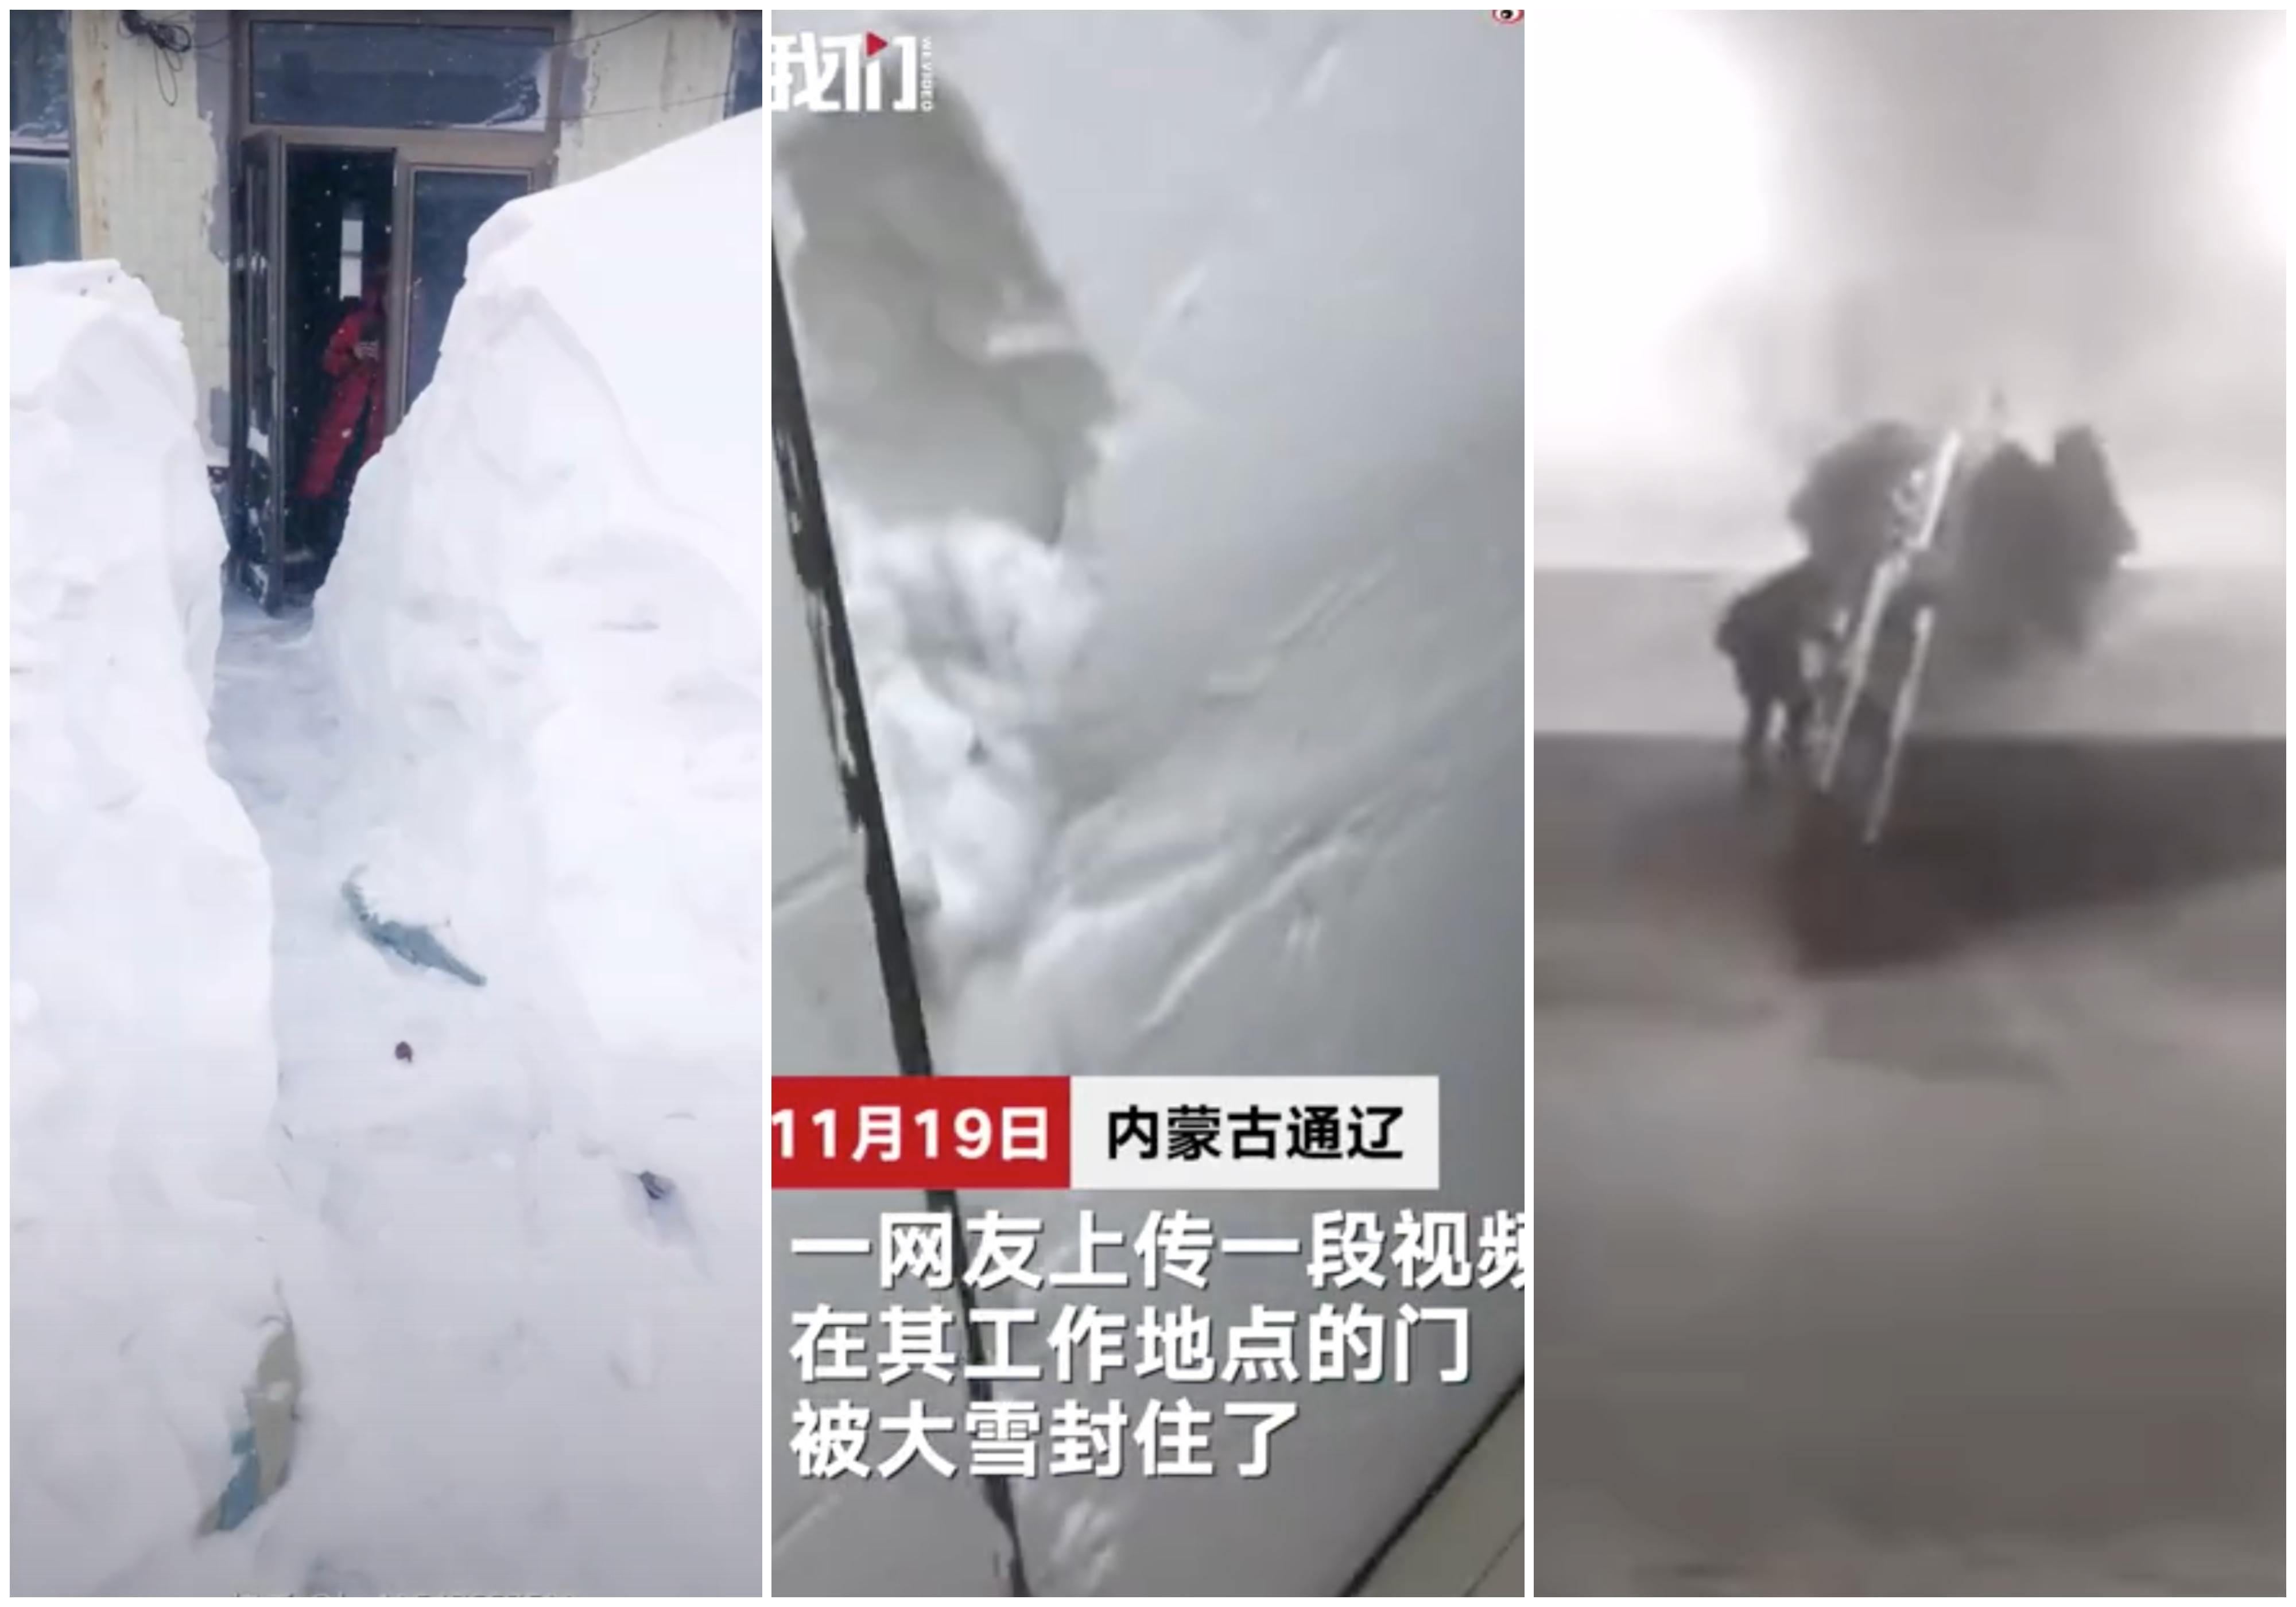 暴雪襲內蒙、東北 列車停運高速關閉